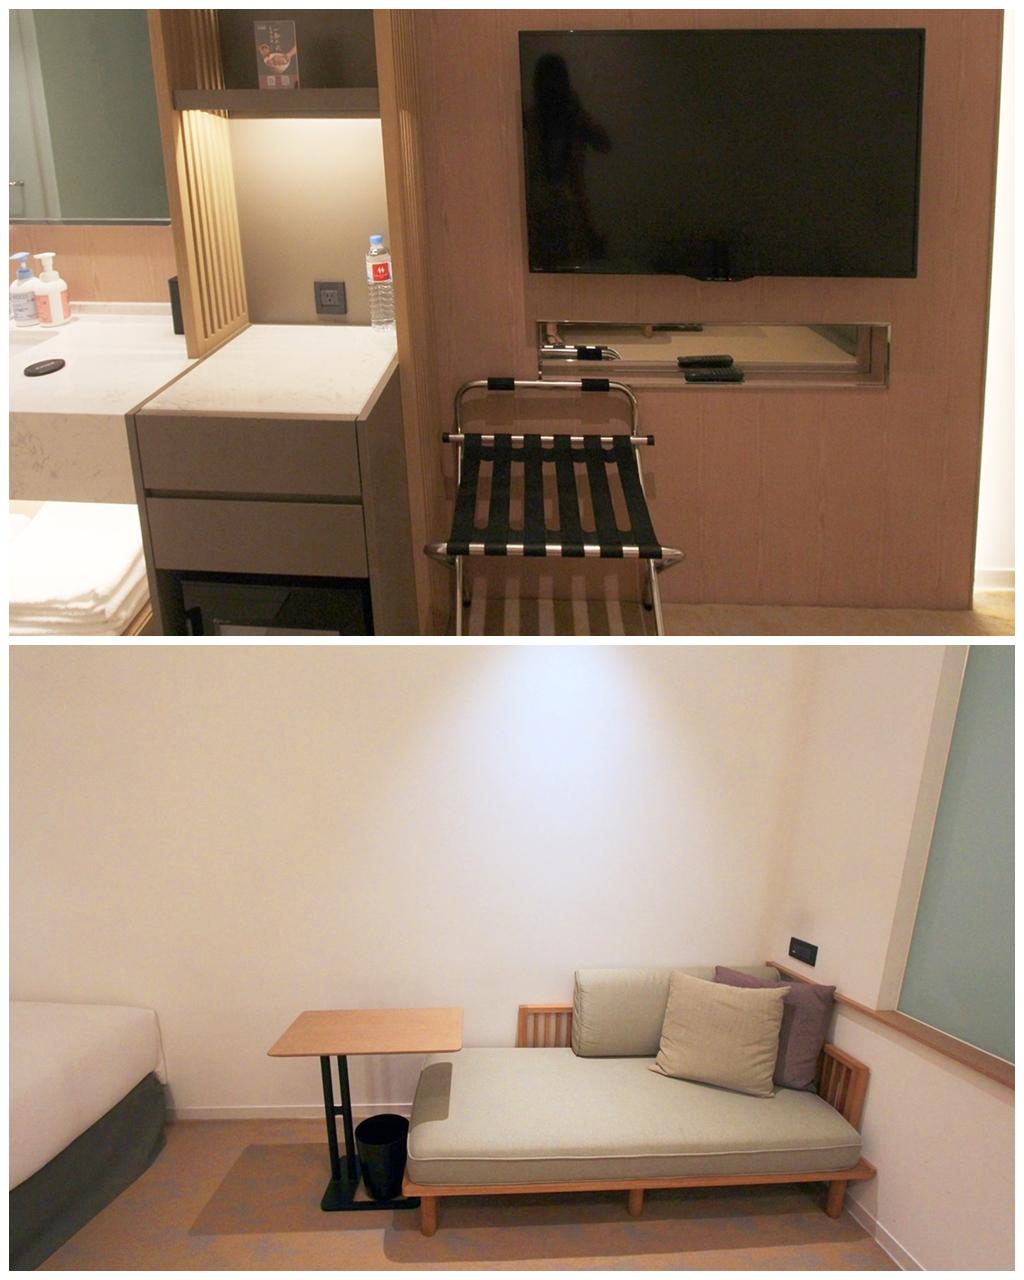 凱達大飯店-電視/沙發